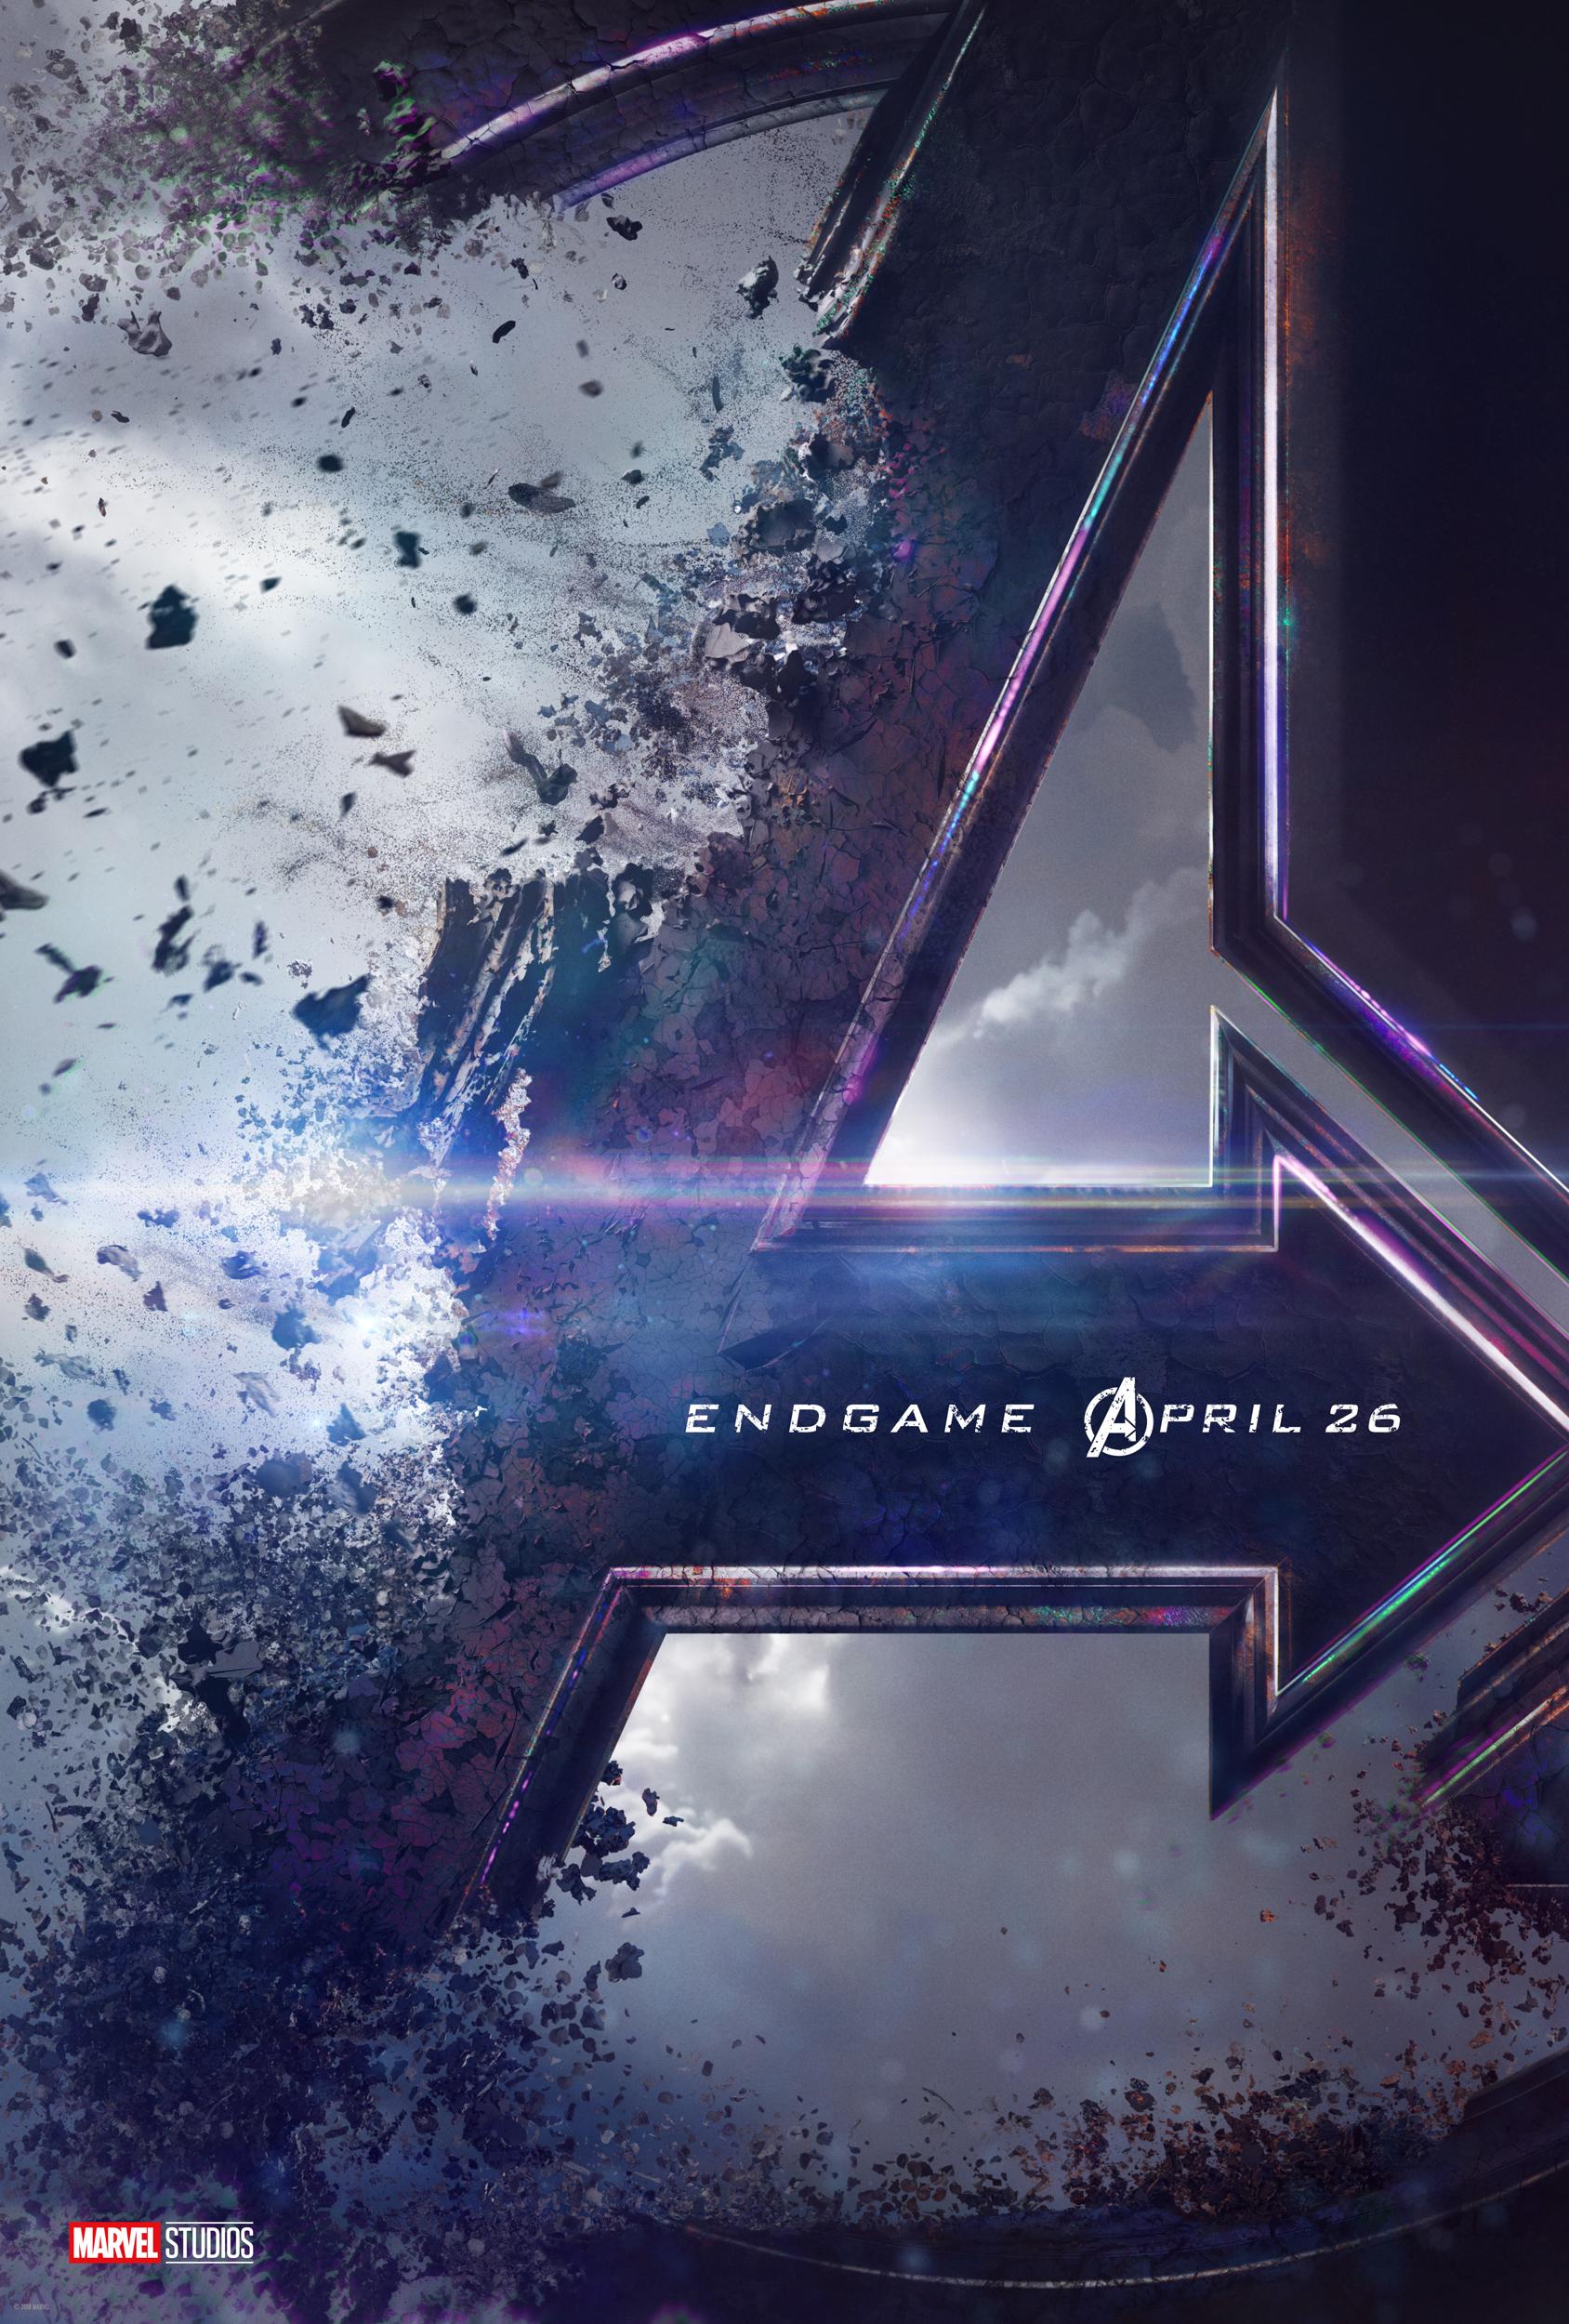 Avengers Endgame.jpg